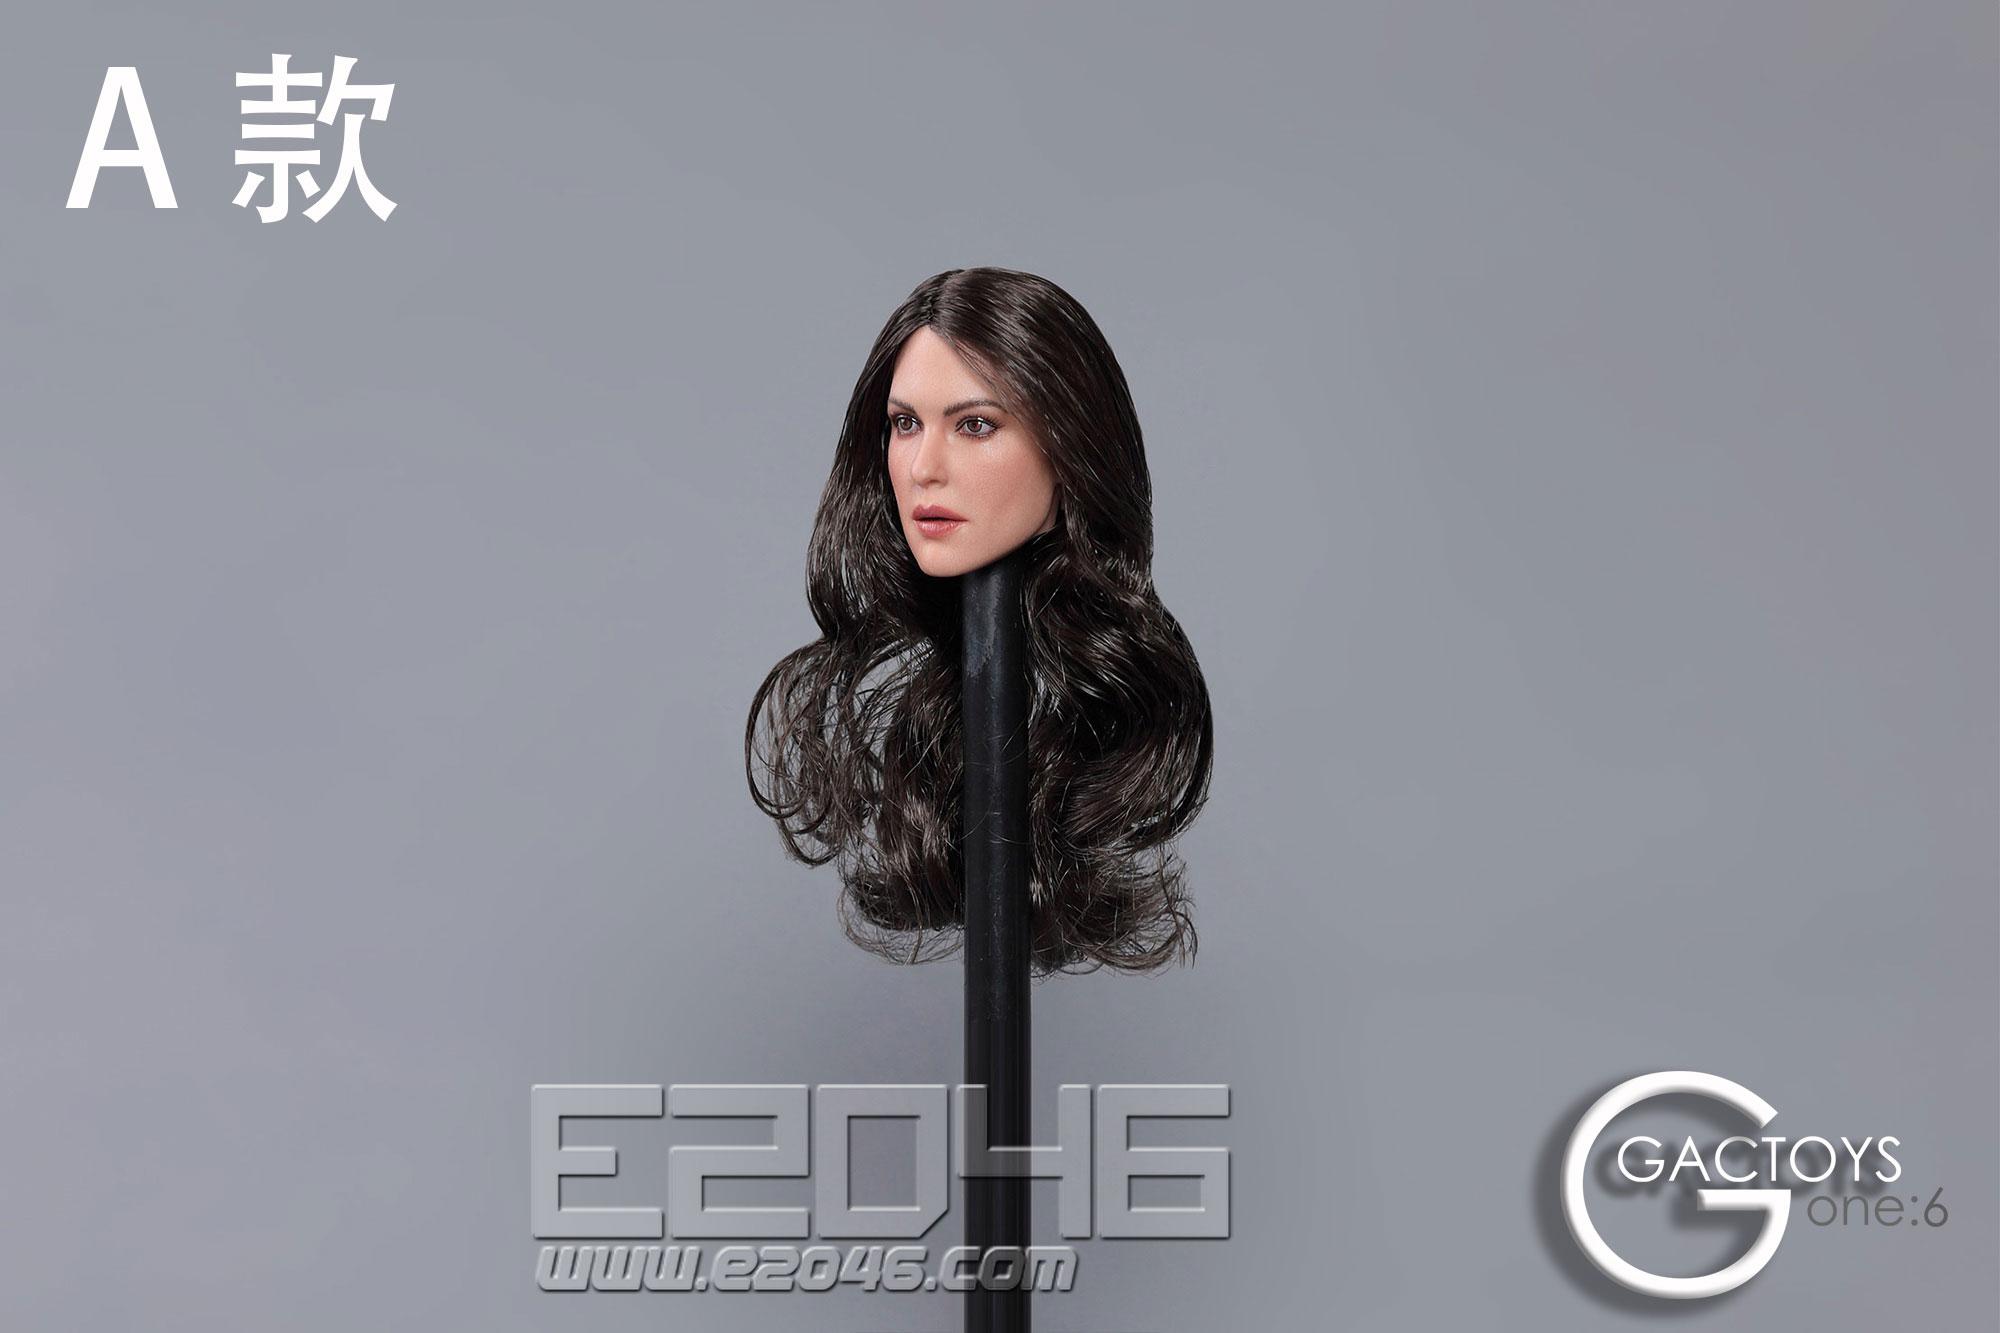 Italian Sexy Actress Head A (DOLL)